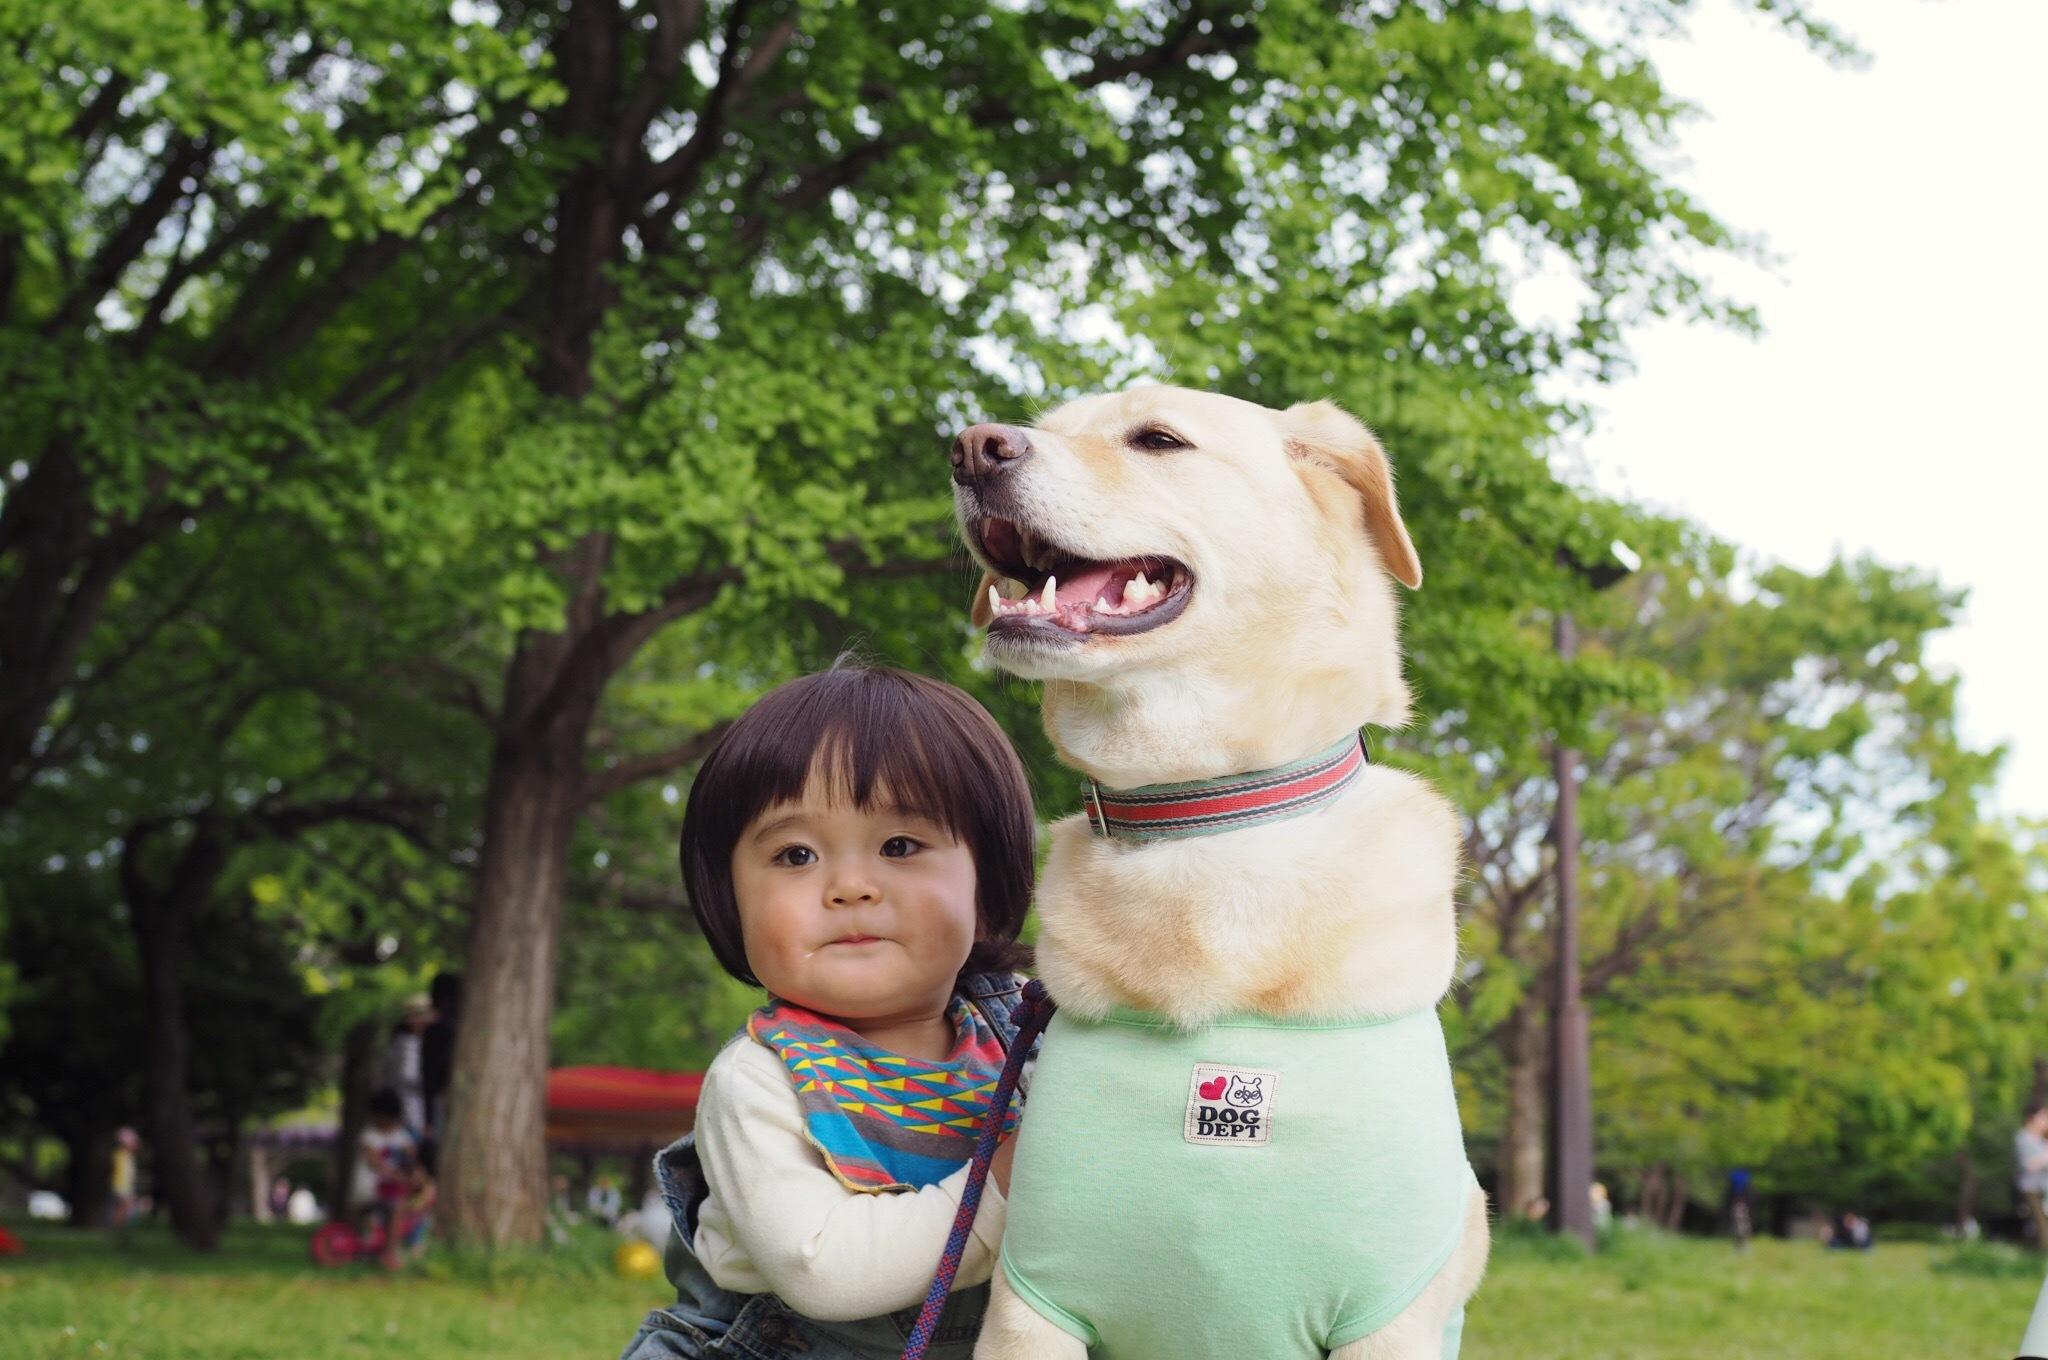 子供と犬 赤ちゃんと犬 子供と大型犬 赤ちゃんと大型犬